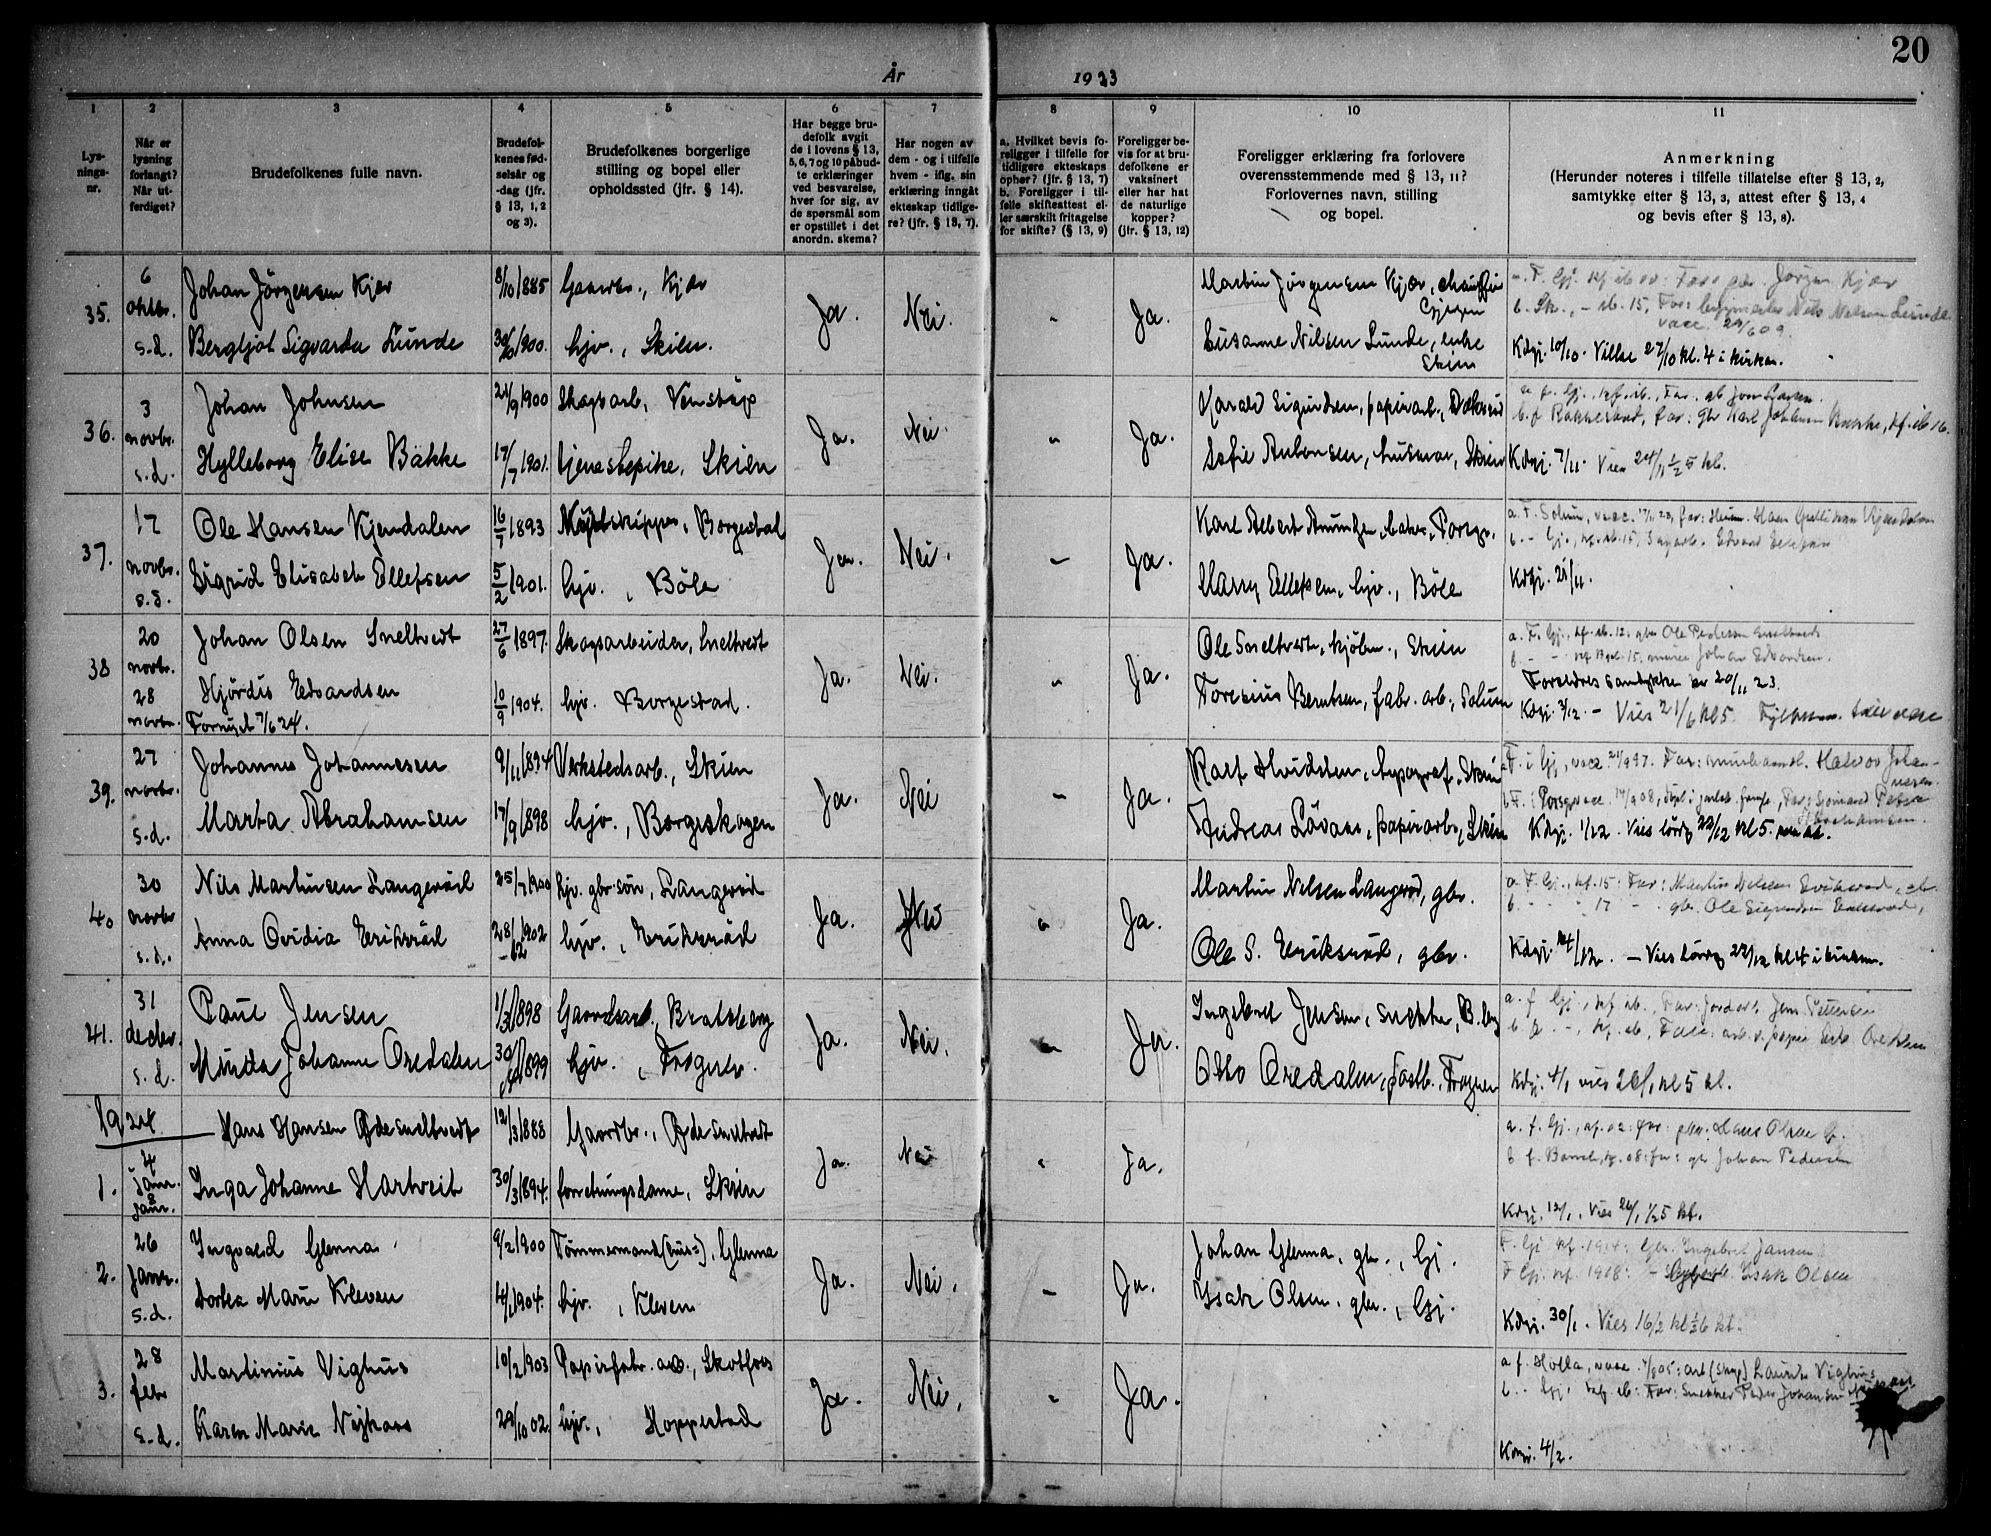 SAKO, Gjerpen kirkebøker, H/Ha/L0003: Lysningsprotokoll nr. I 3, 1919-1946, s. 20